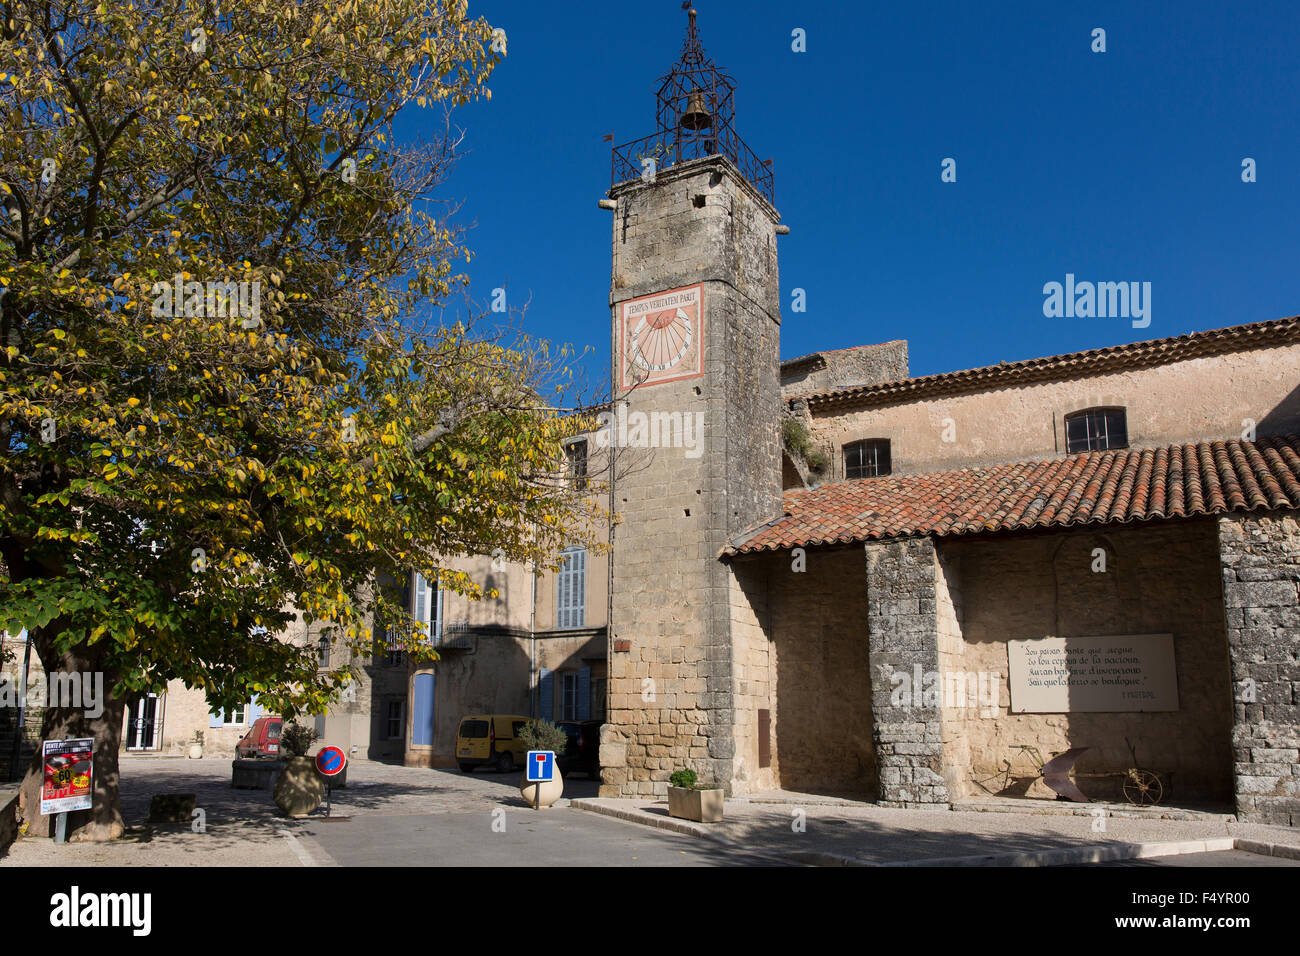 Die Kirche Notre-Dame-de-Beauvoir mit Kirchturm in Grambois, Vaucluse, Provence, Frankreich - Stock Image